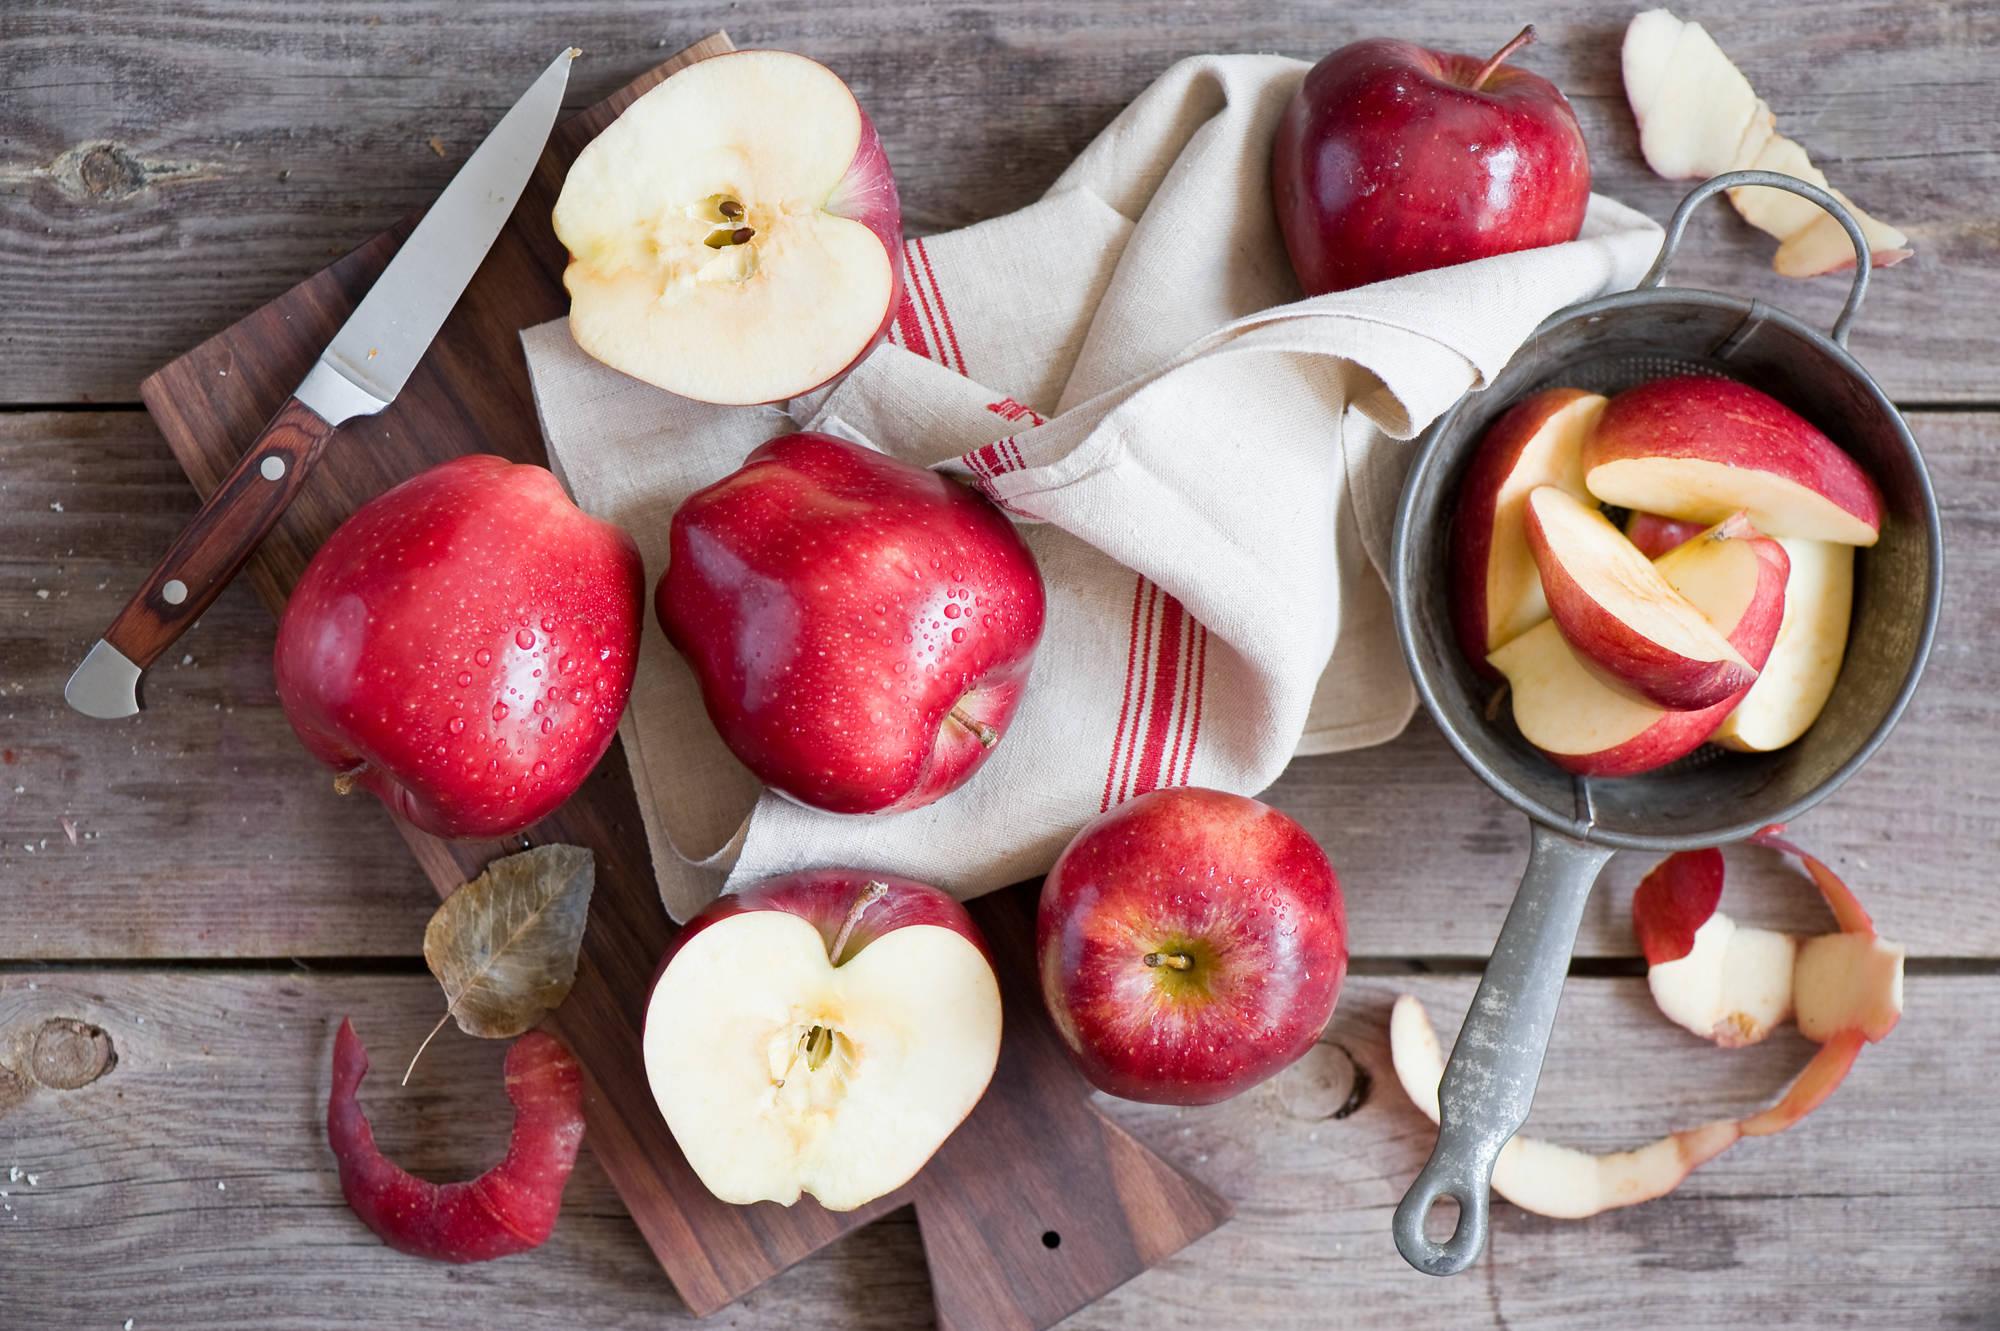 inside apples photos tumblr - HD1920×1200